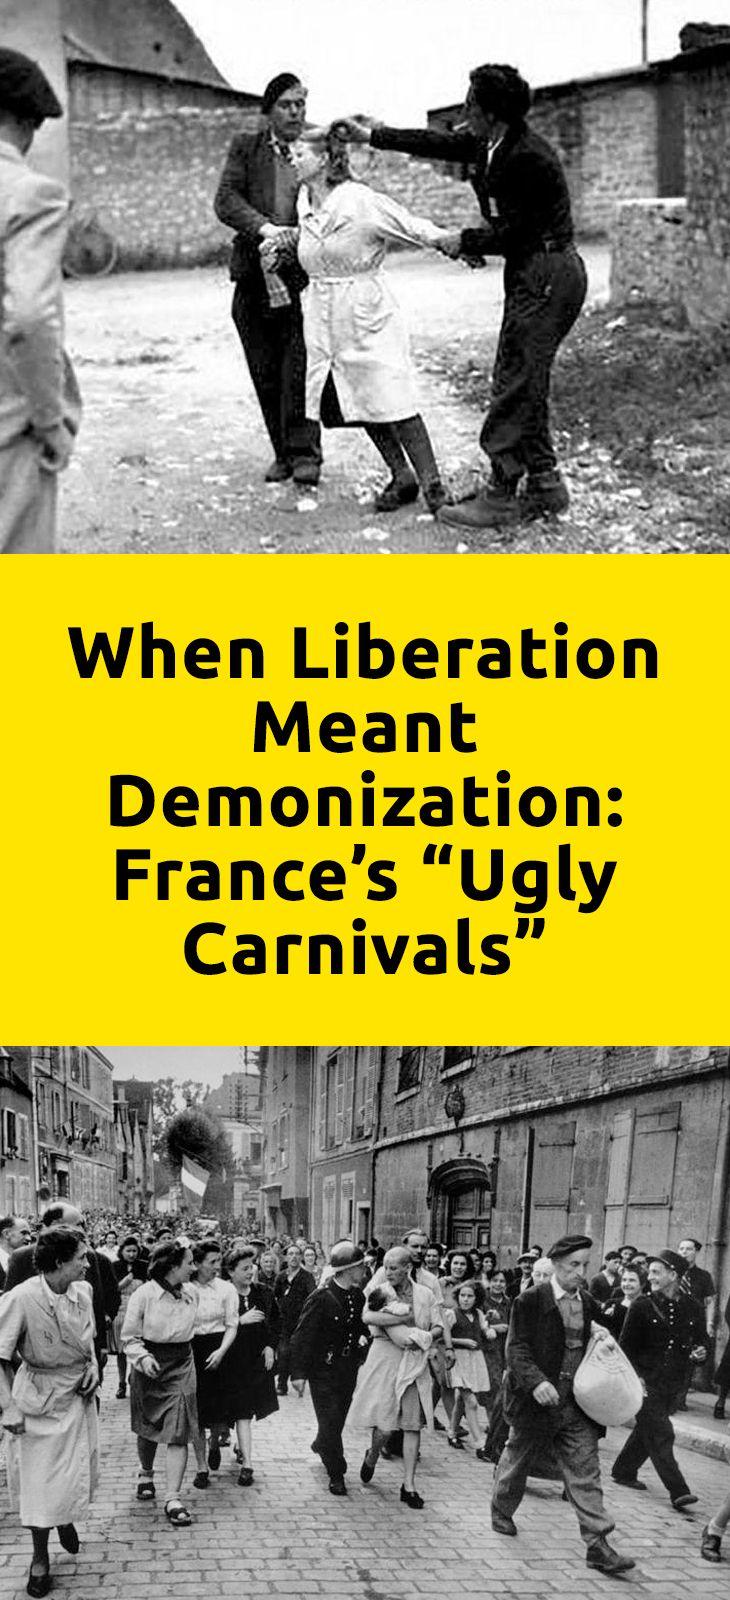 France's Ugly Carnivals